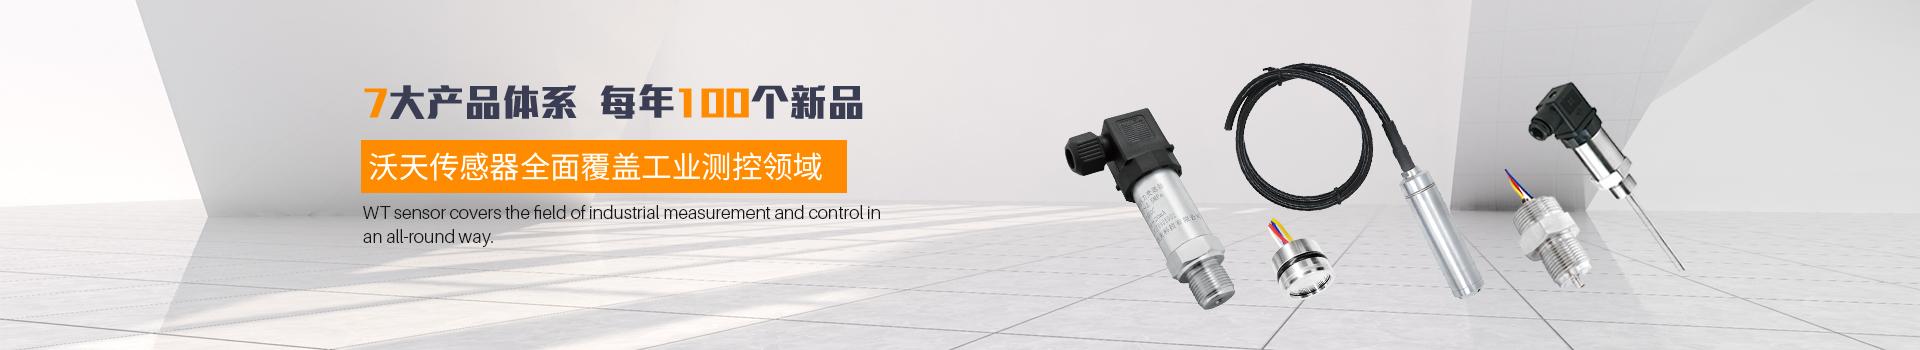 沃天传感器全面覆盖工业测控领域